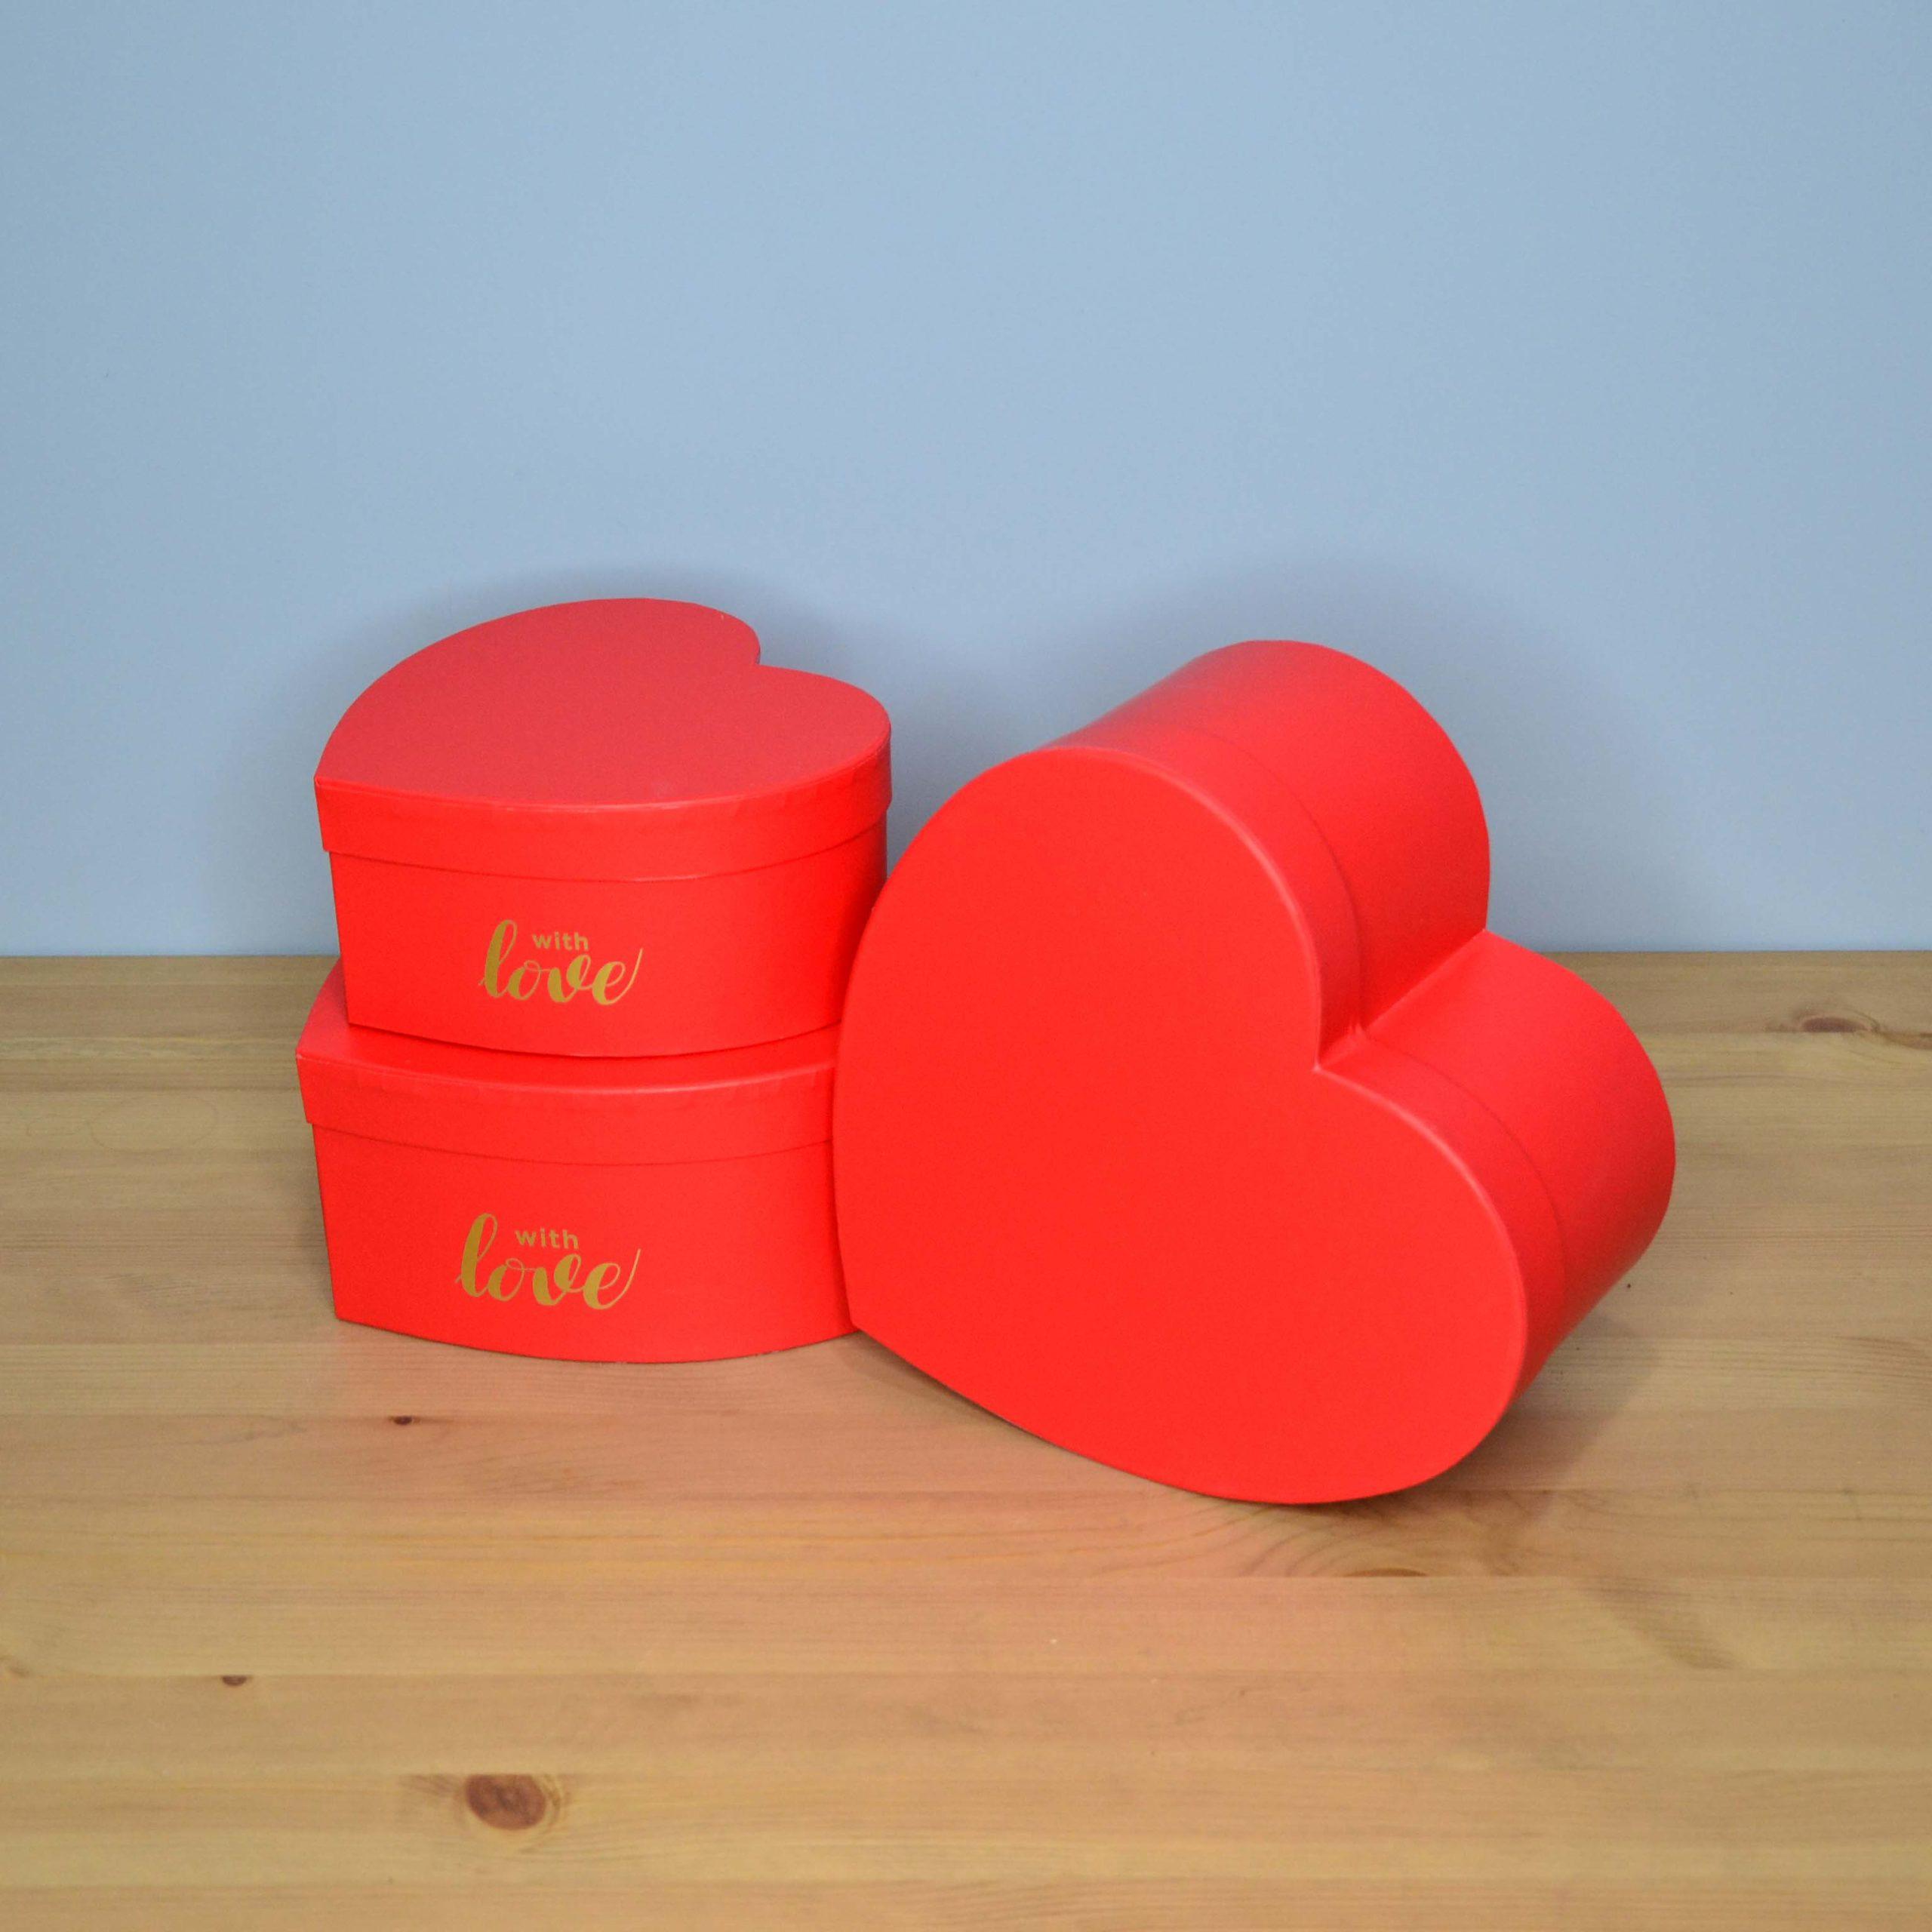 Широкий ассортимент подарочных коробок ко дню всех влюбленных!